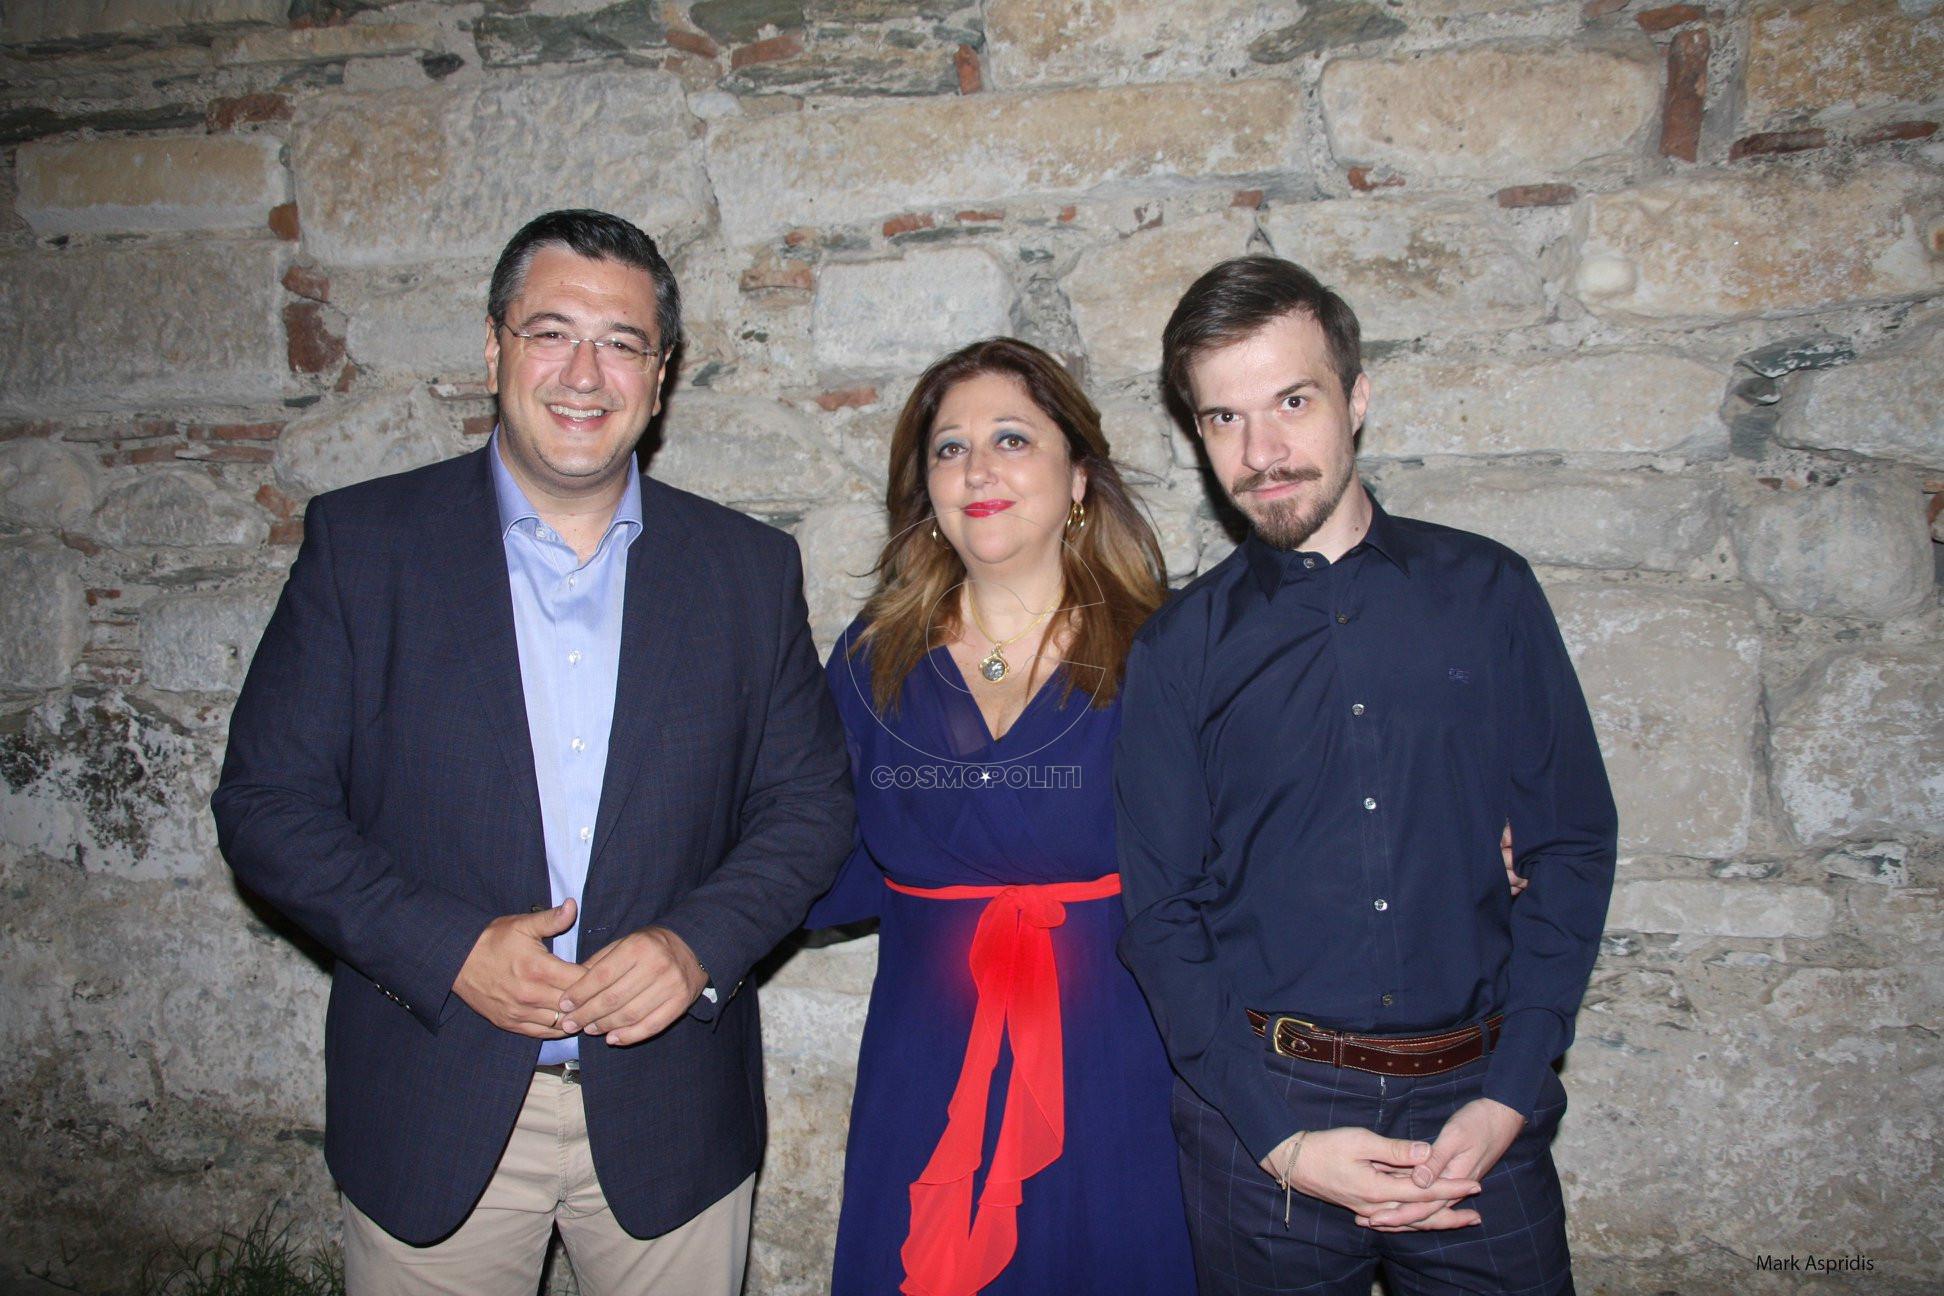 Ο Περιφερειάρχης Κ. Μ. Απ. Τζιτζικώστας, η Πρόεδρος του ΚΠΜΚ Άννα Μυκωνίου, ο Καλλ. Διευθ. του Φεστιβάλ Αθ. Κολαλάς